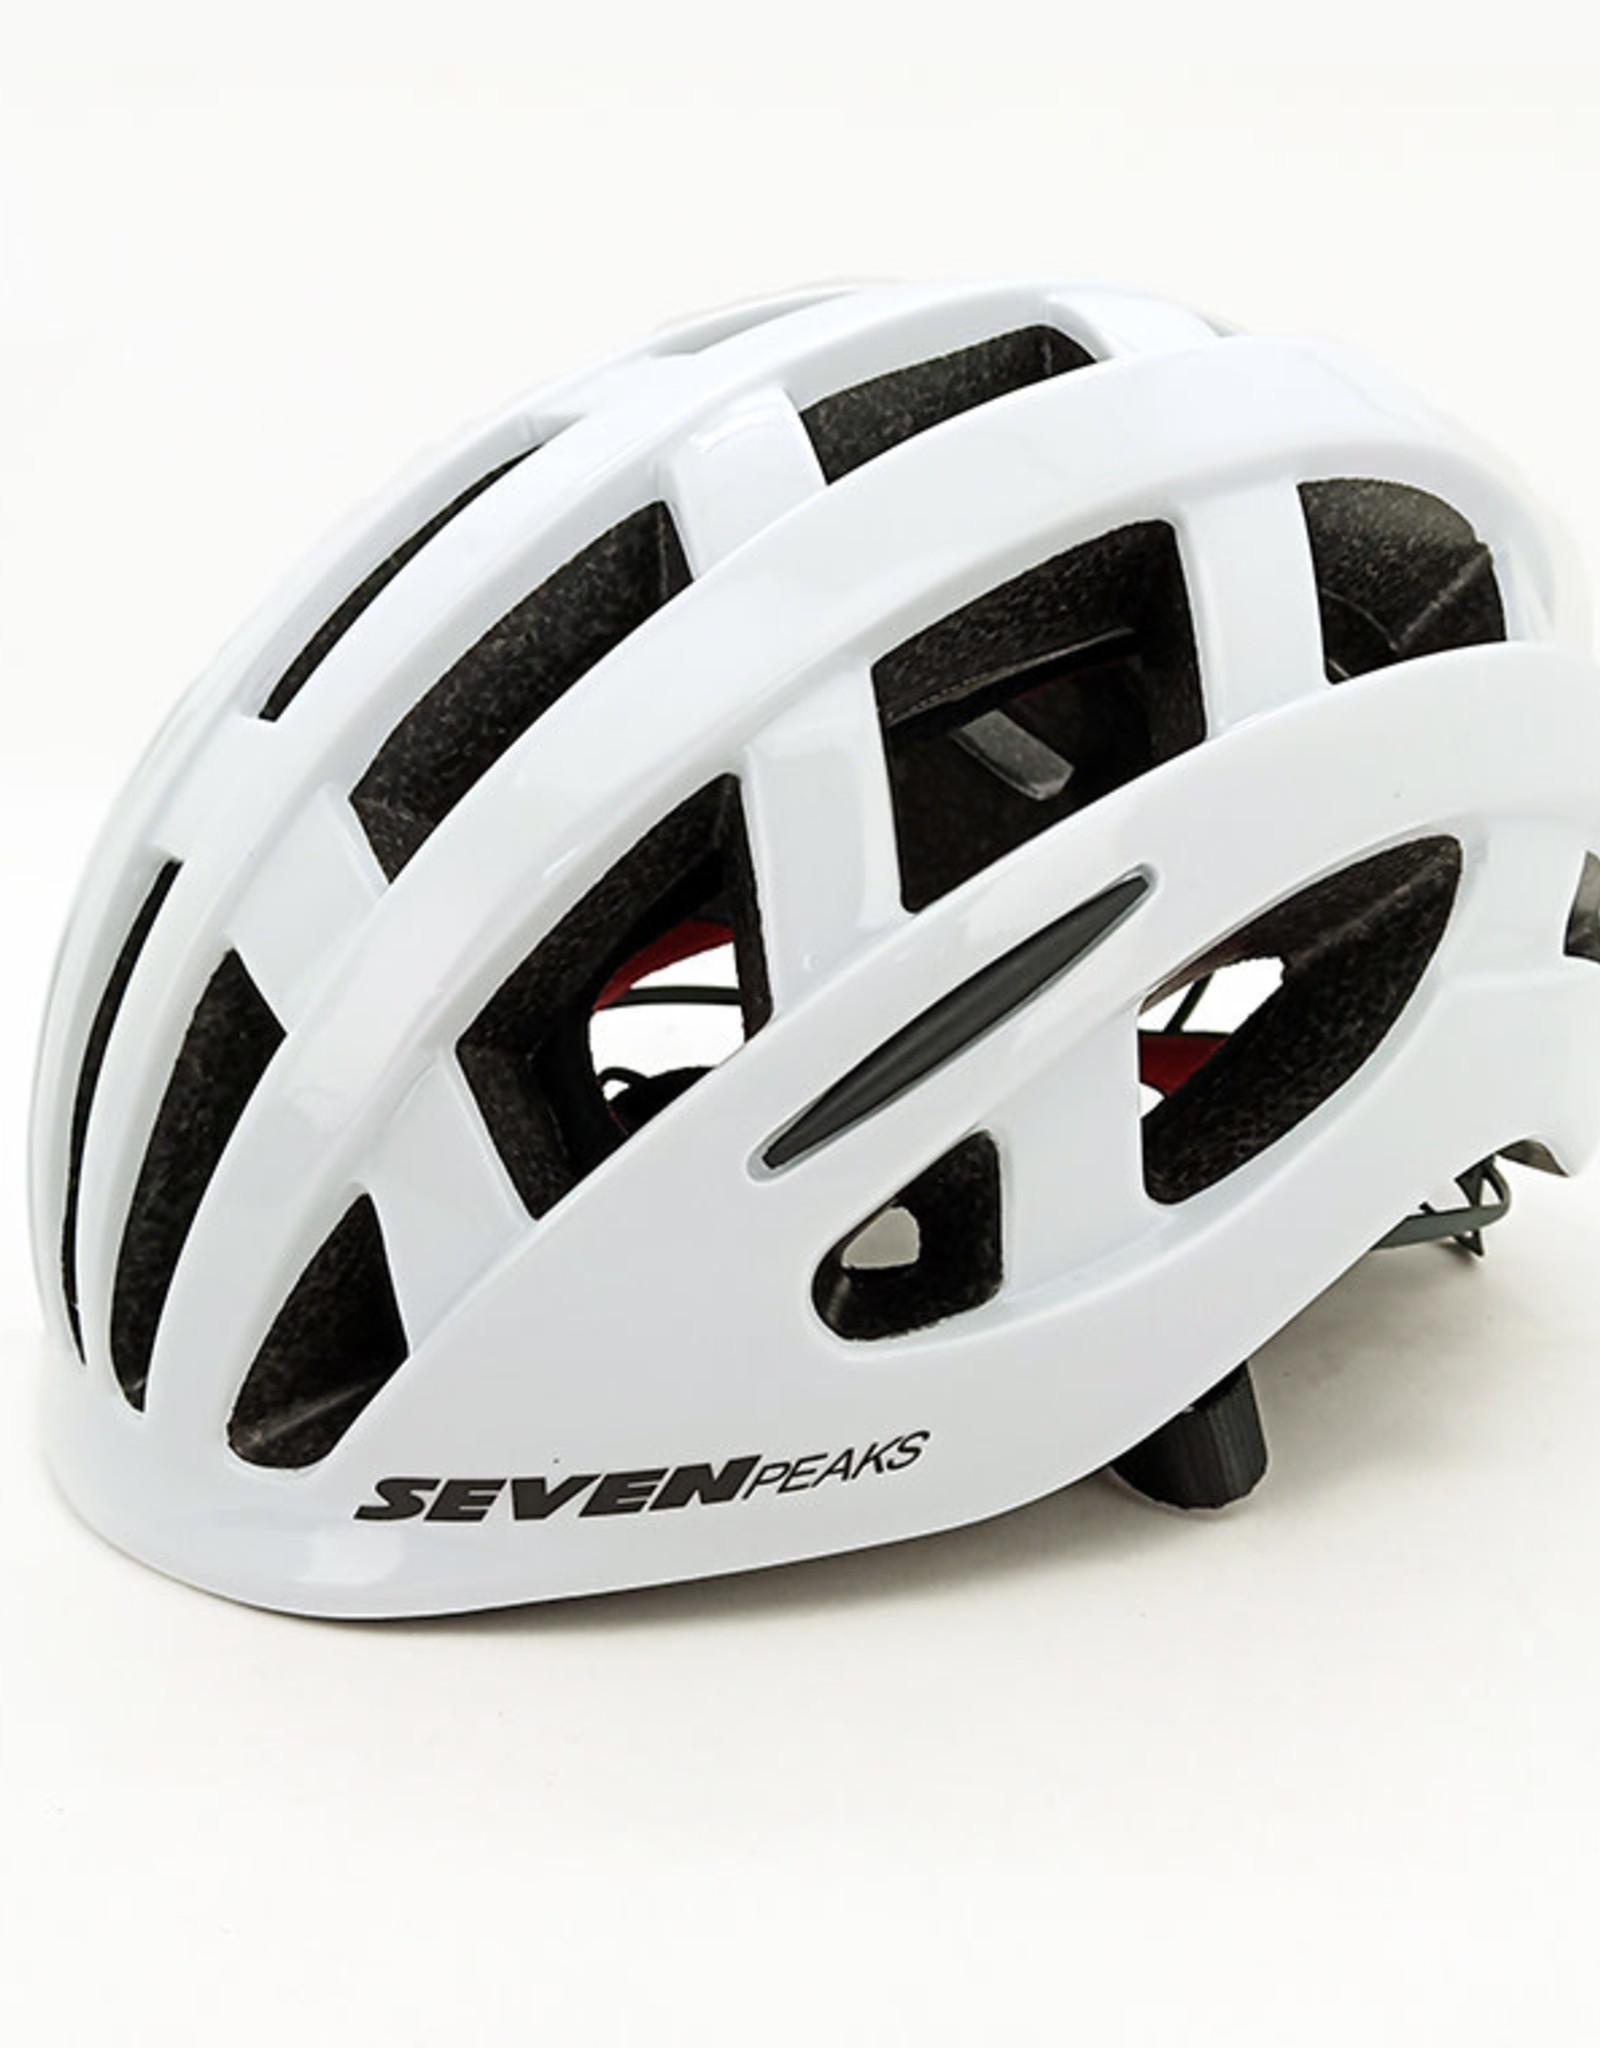 Seven Paeks Bike Helmet Seven Peaks Park L/XL Wht